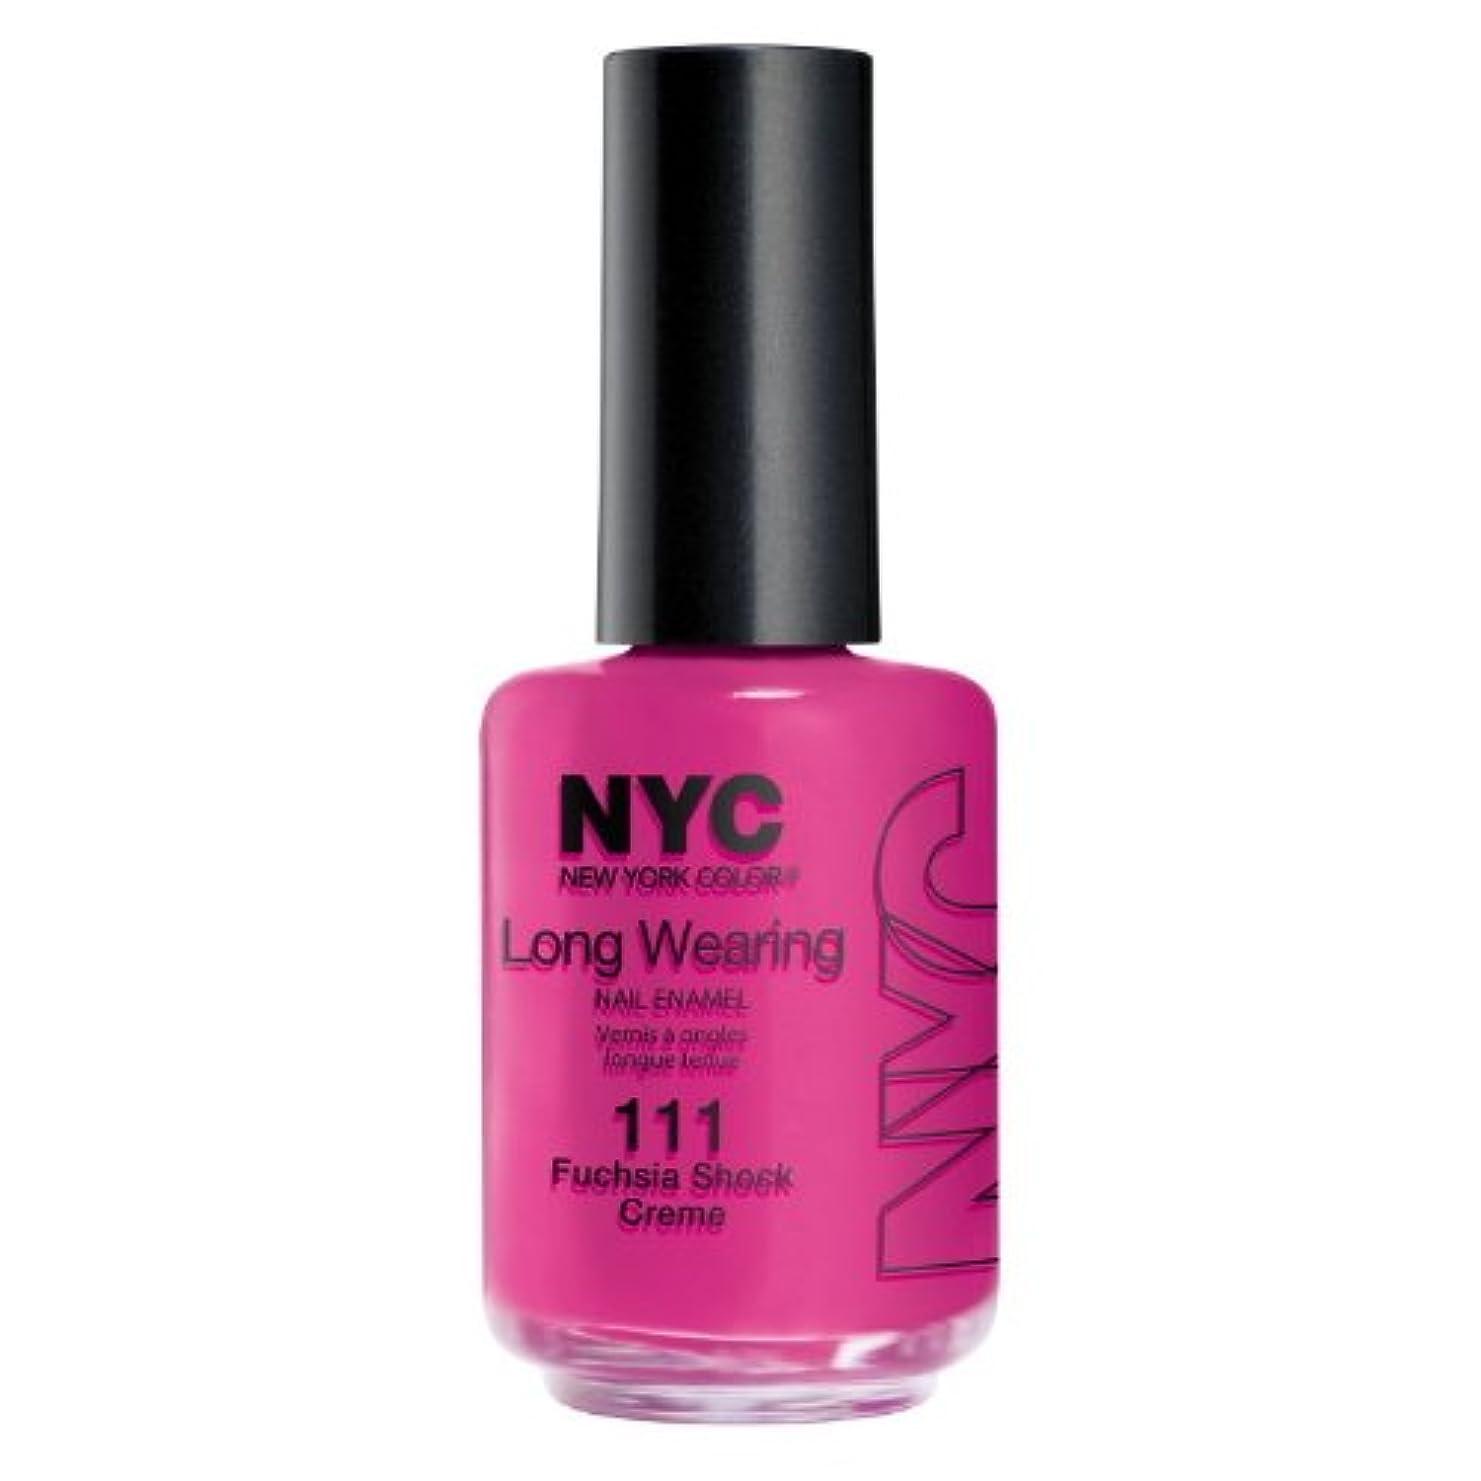 予測ピーブリンス(6 Pack) NYC Long Wearing Nail Enamel - Fuchisia Shock Creme (並行輸入品)